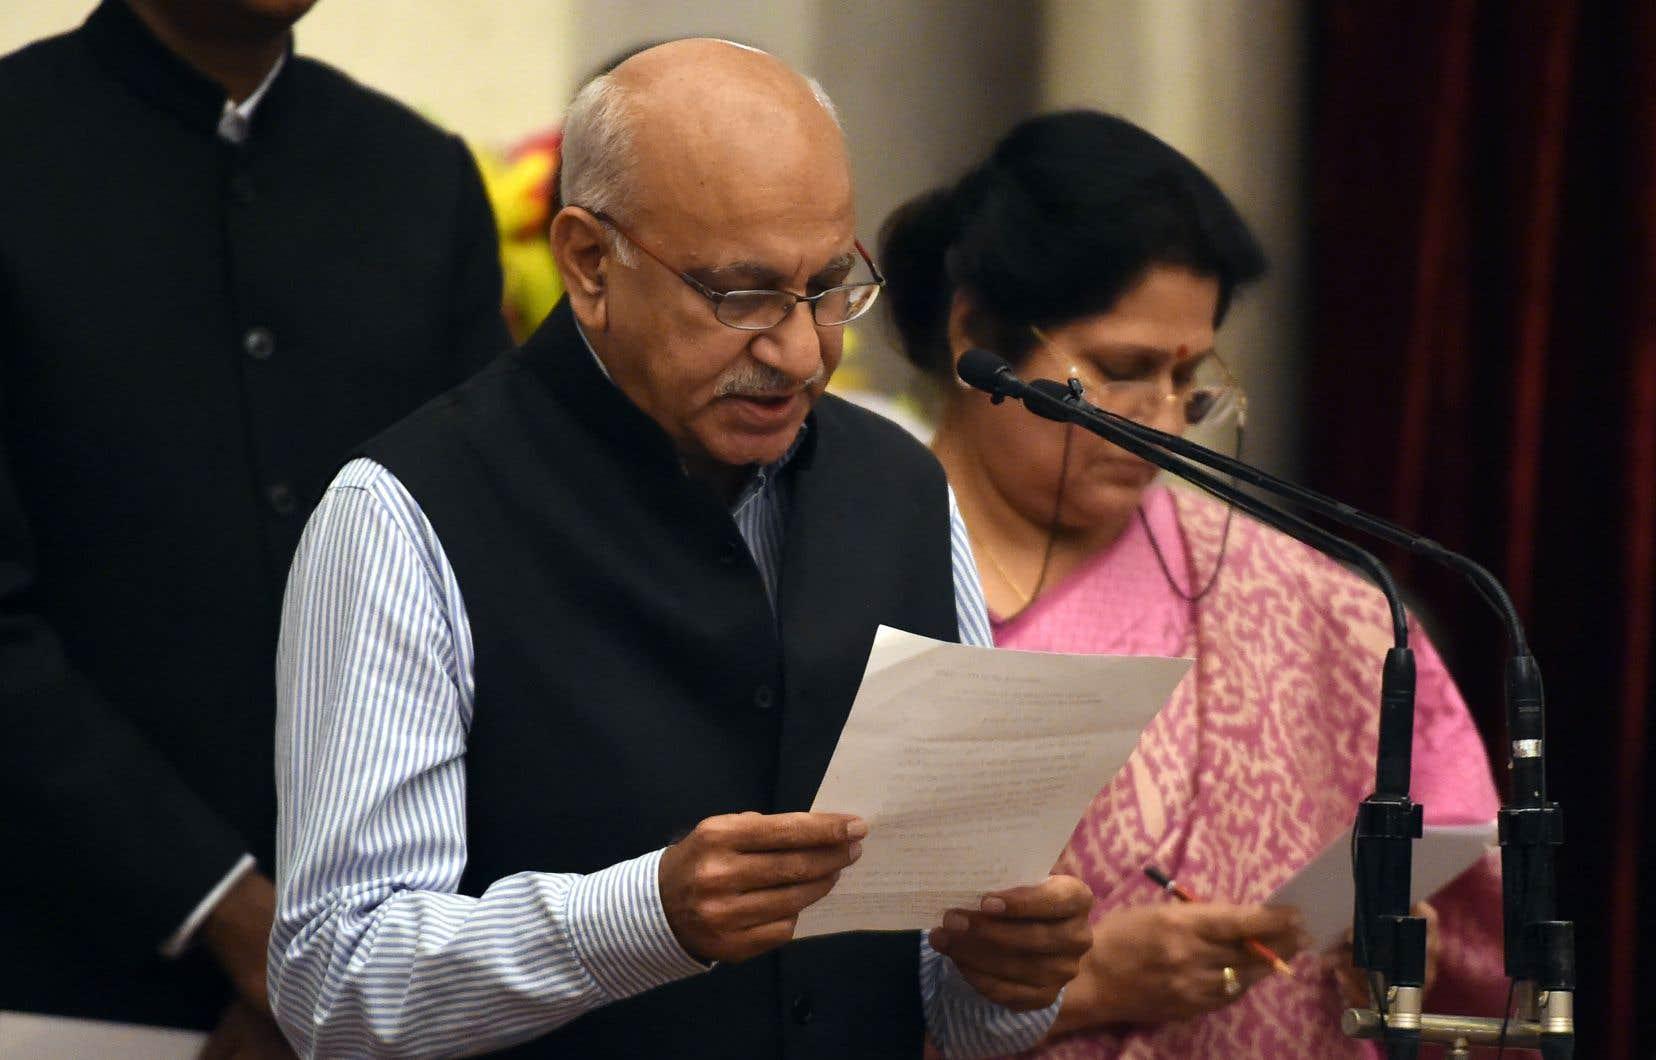 Le ministre M.J. Akbar a annoncé mercredi renoncer à ses fonctions pour se défendre à titre personnel des accusations qu'il dément.